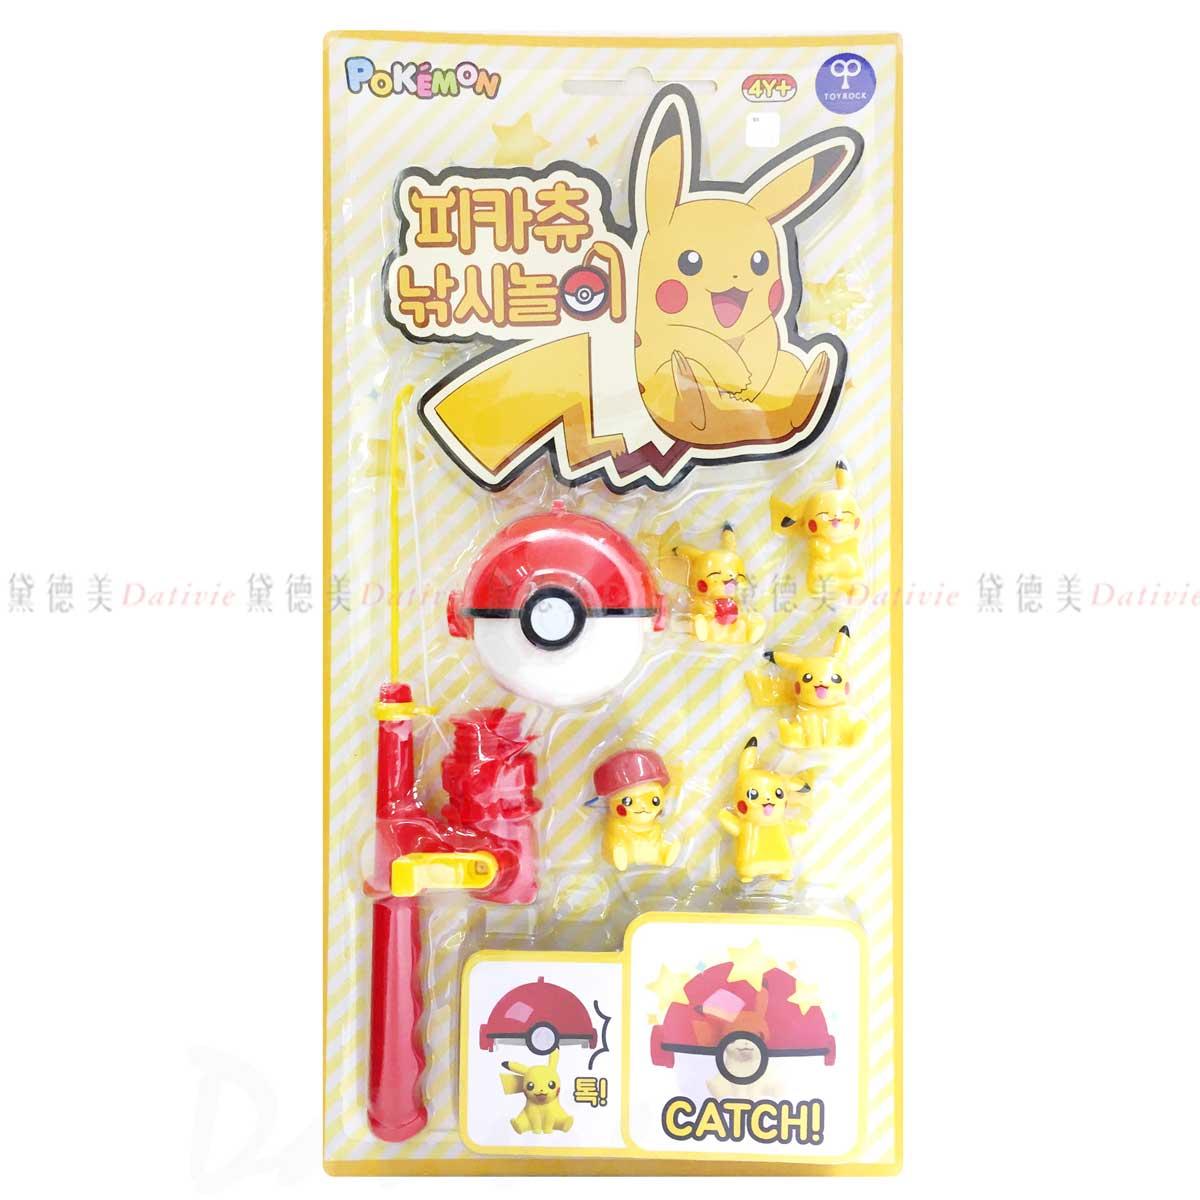 釣魚寶貝球玩具-皮卡丘 Pikachu 神奇寶貝 寶可夢 POKEMON 韓國正版授權